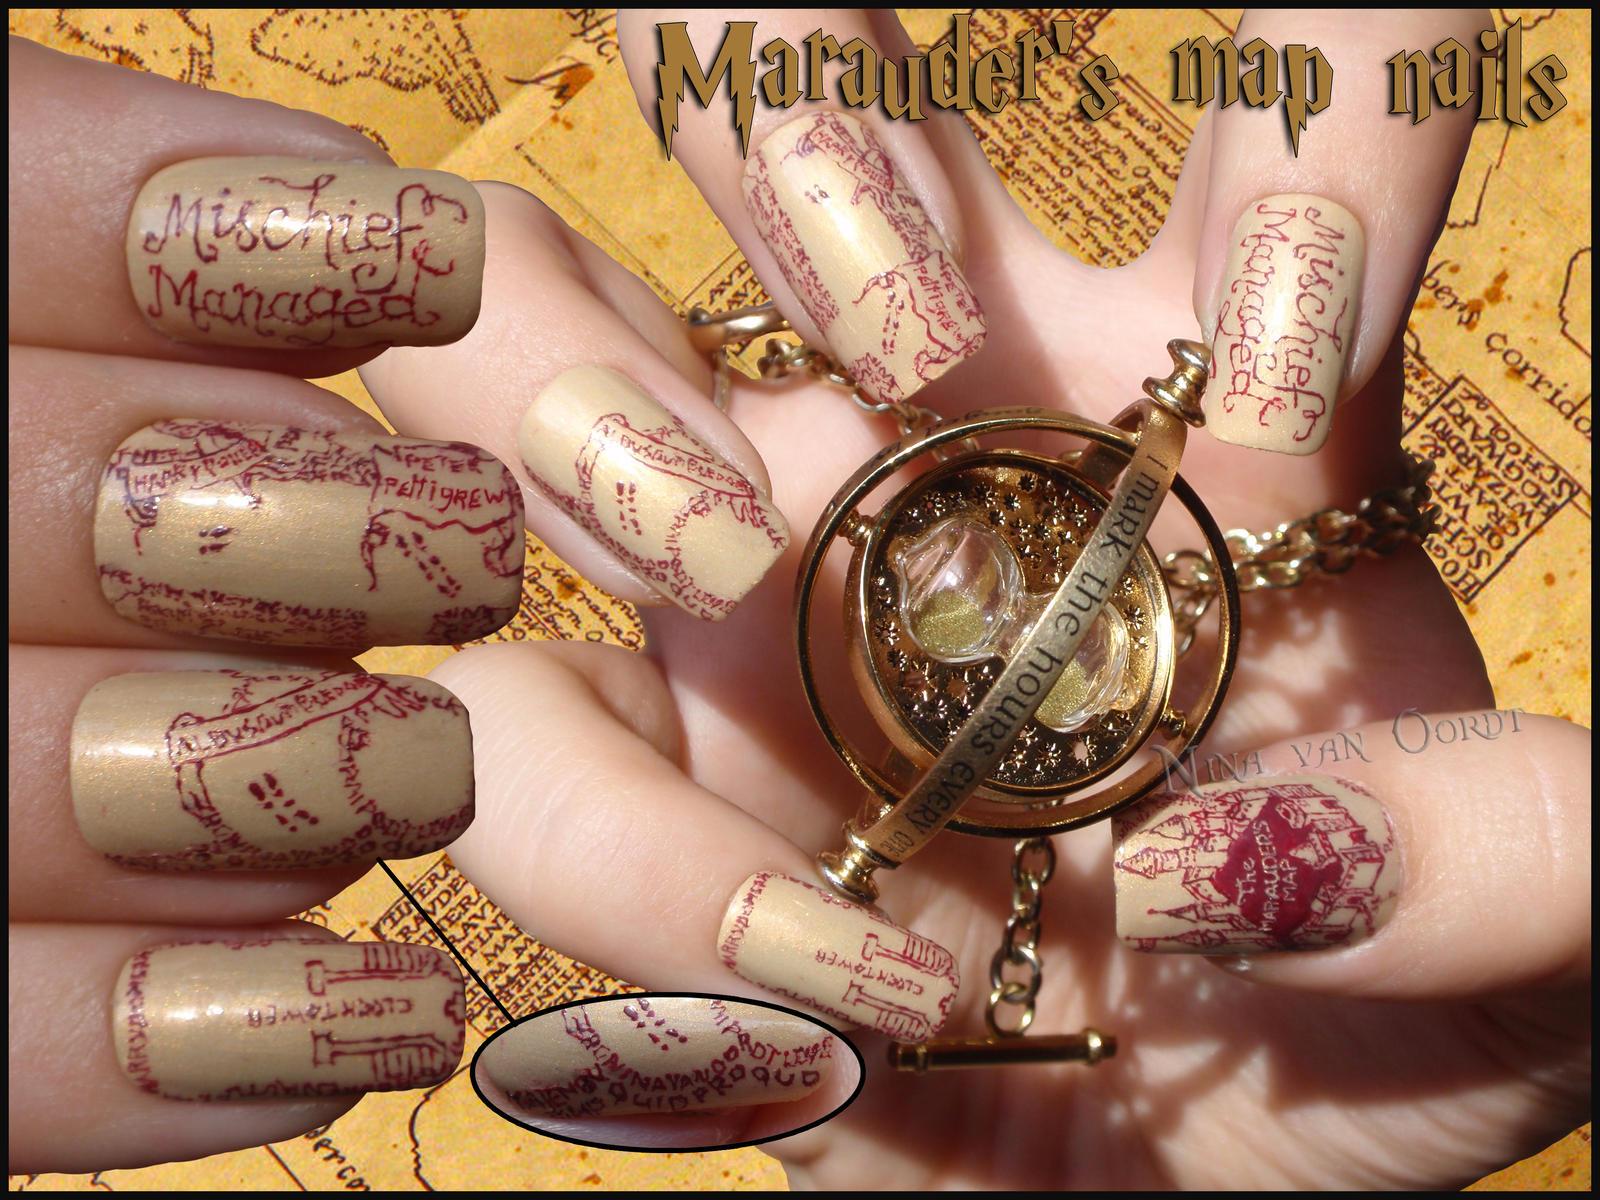 Marauder's Map Nails by Ninails